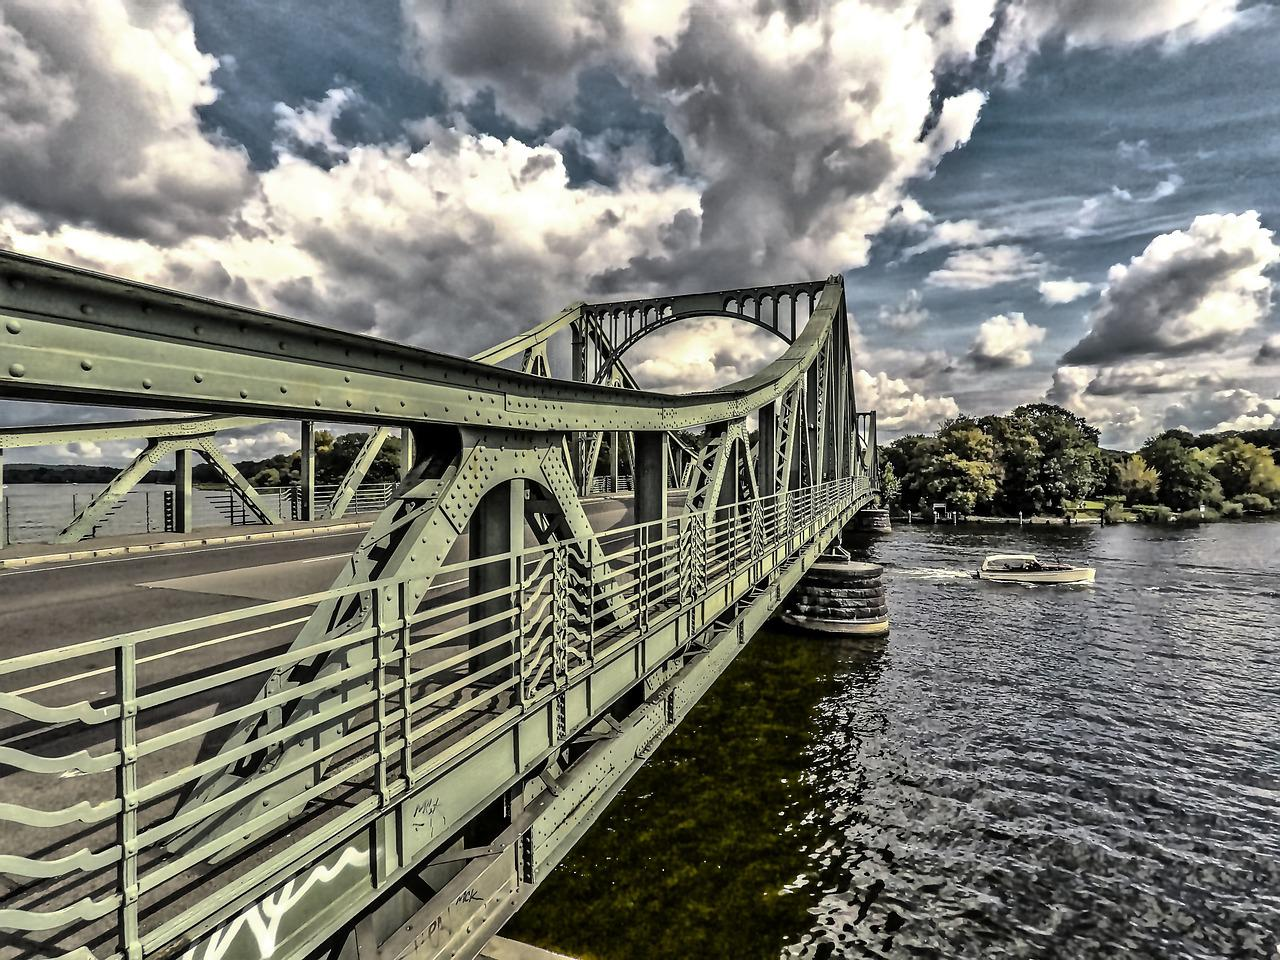 смысл моста на картинке это время схимница